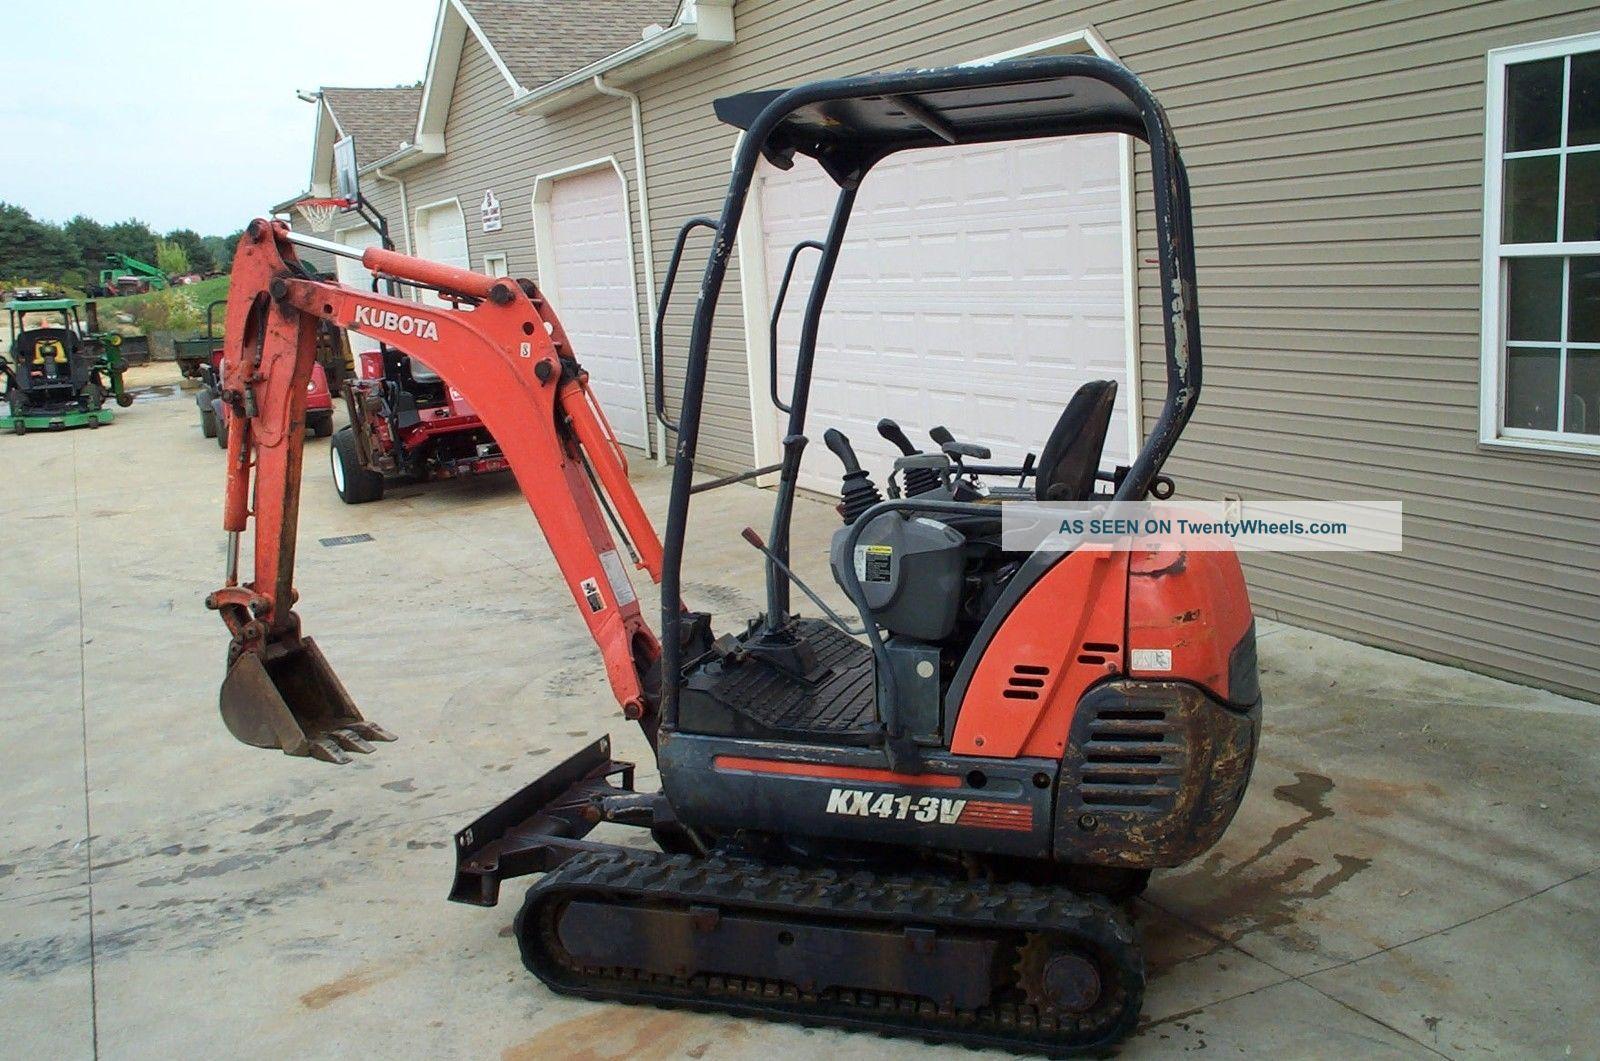 2005 kubota kx41 3v mini excavator adjustable tracks diesel. Black Bedroom Furniture Sets. Home Design Ideas